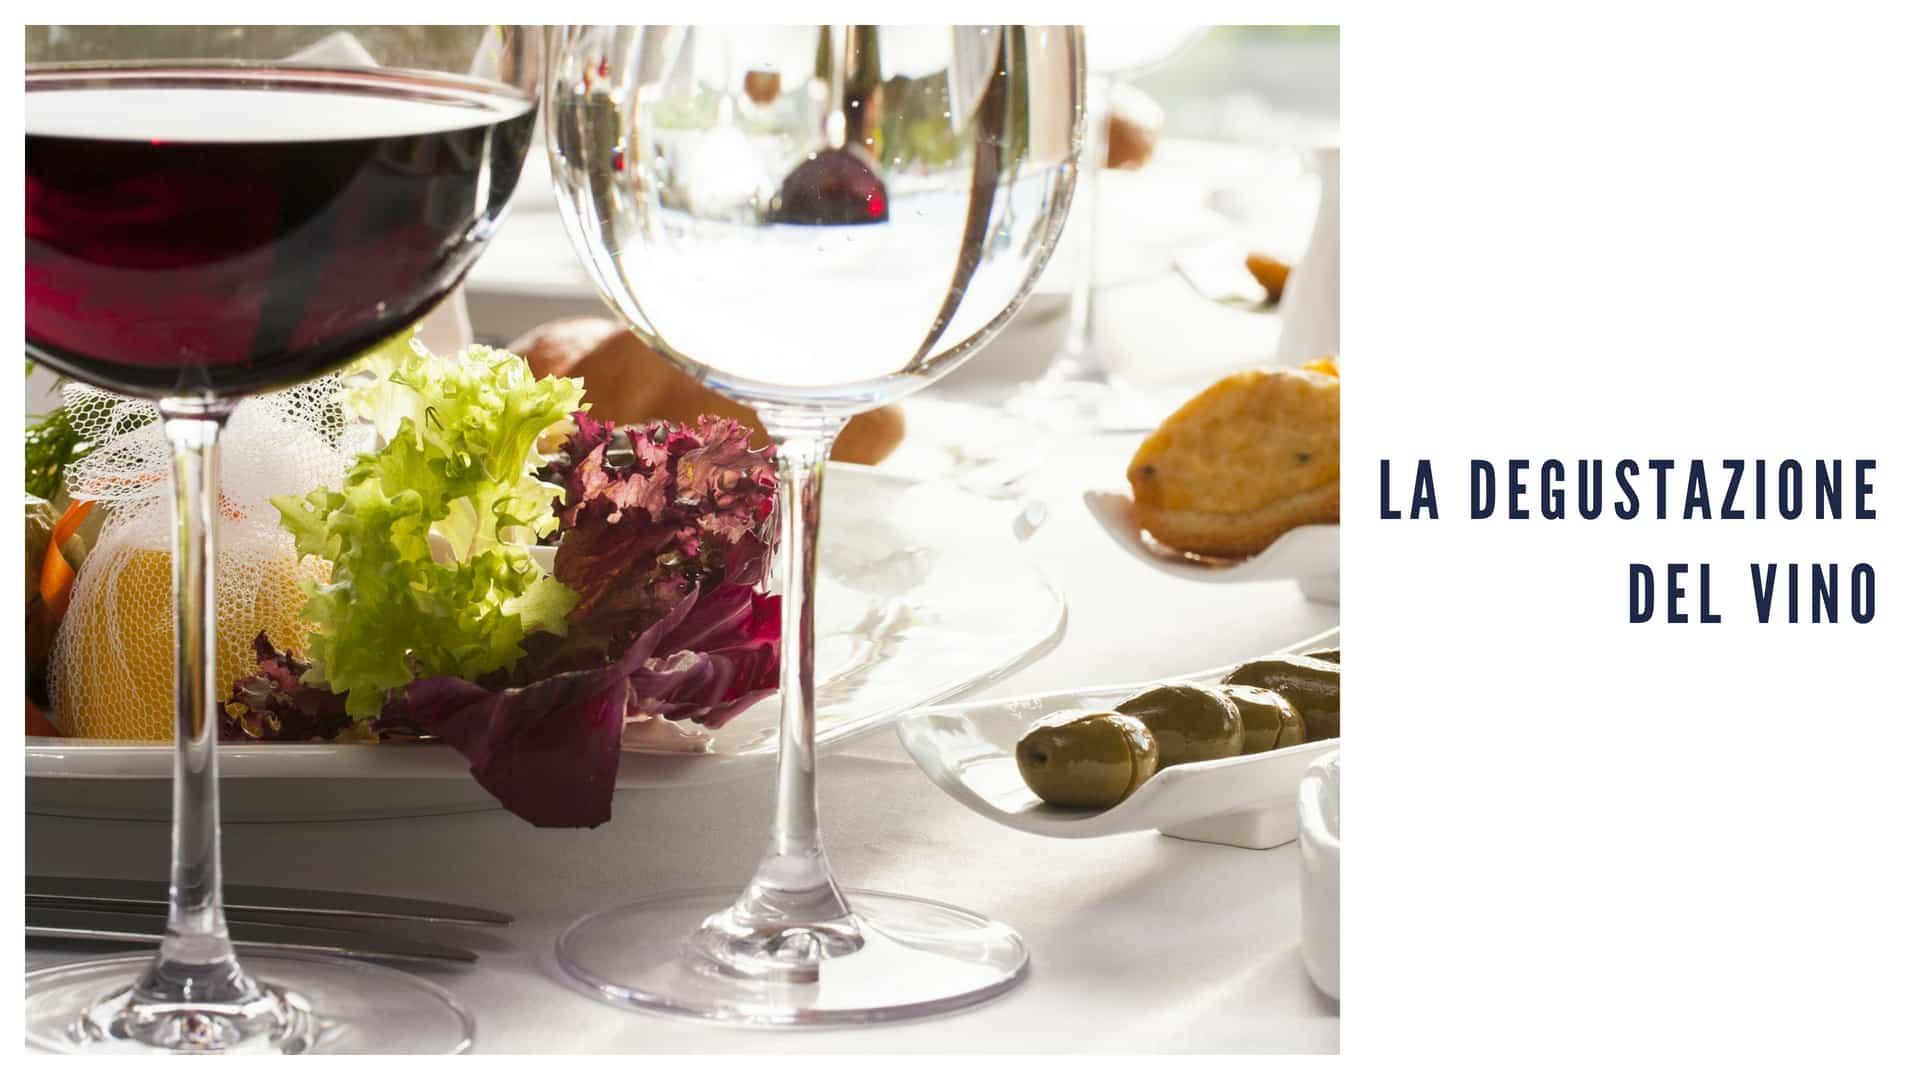 L'aspetto del vino